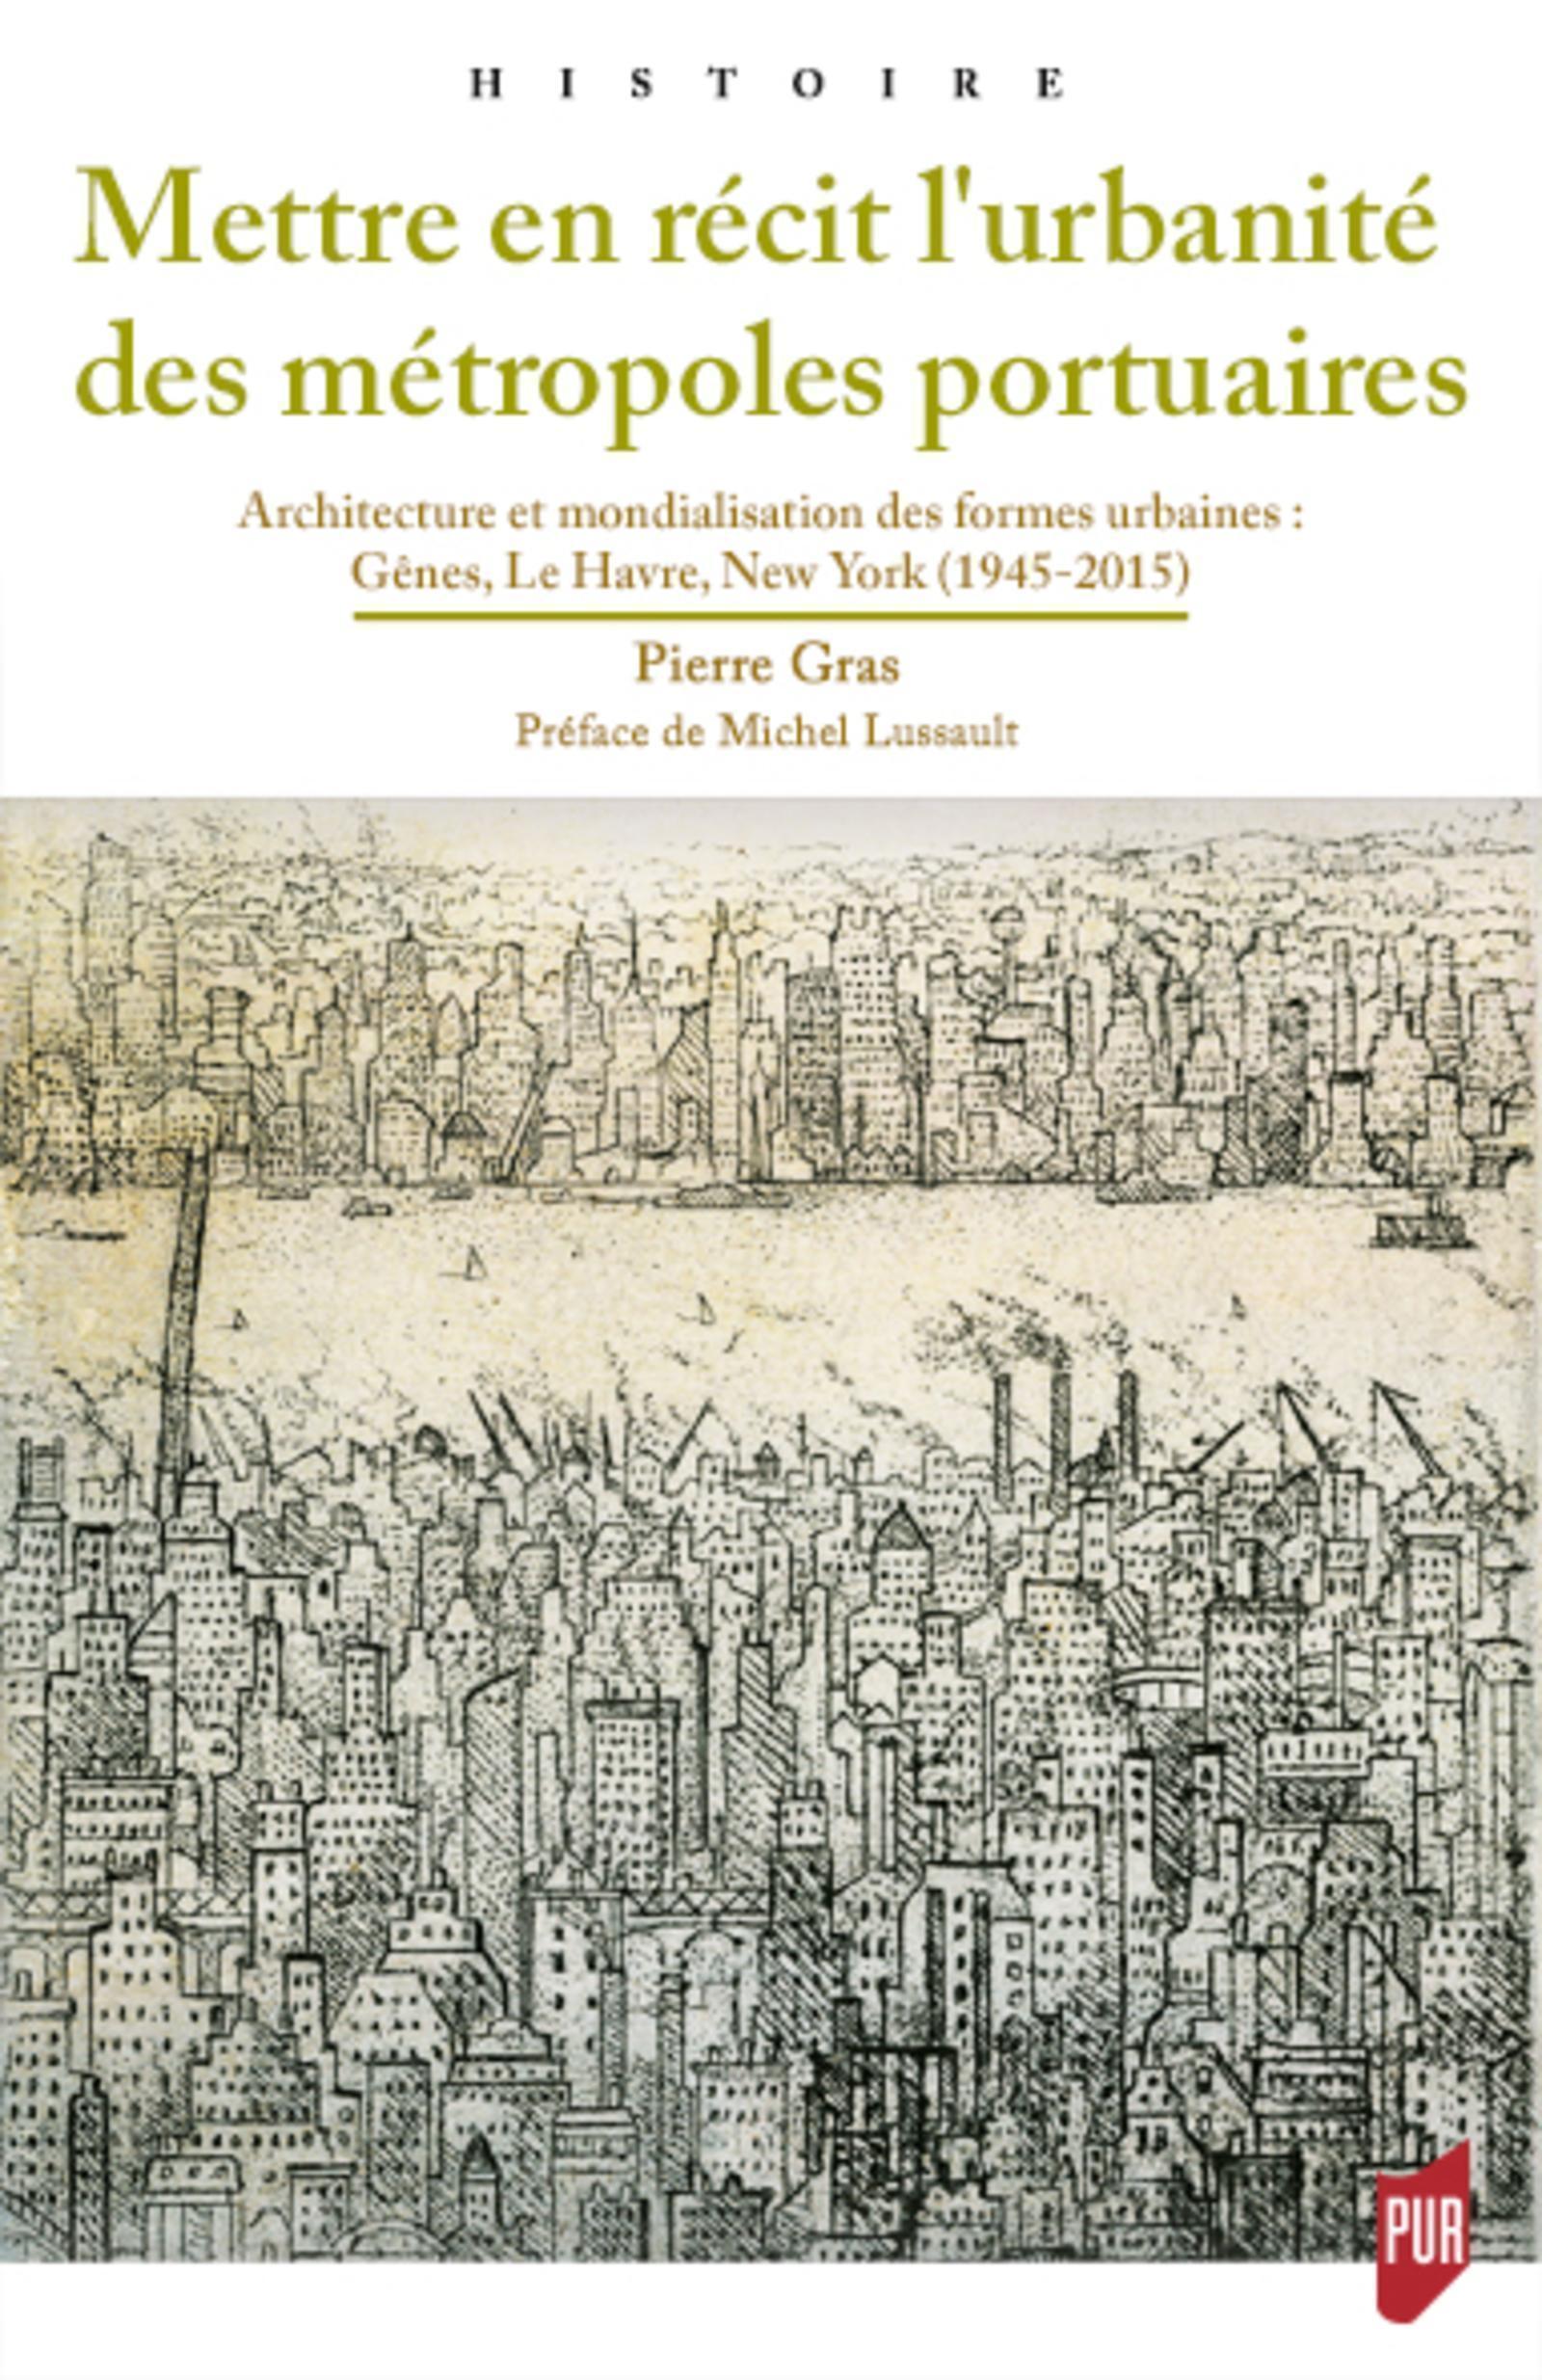 METTRE EN RECIT L'URBANITE DES METROPOLES PORTUAIRES - ARCHITECTURE ET MONDIALISATION DES FORMES URB